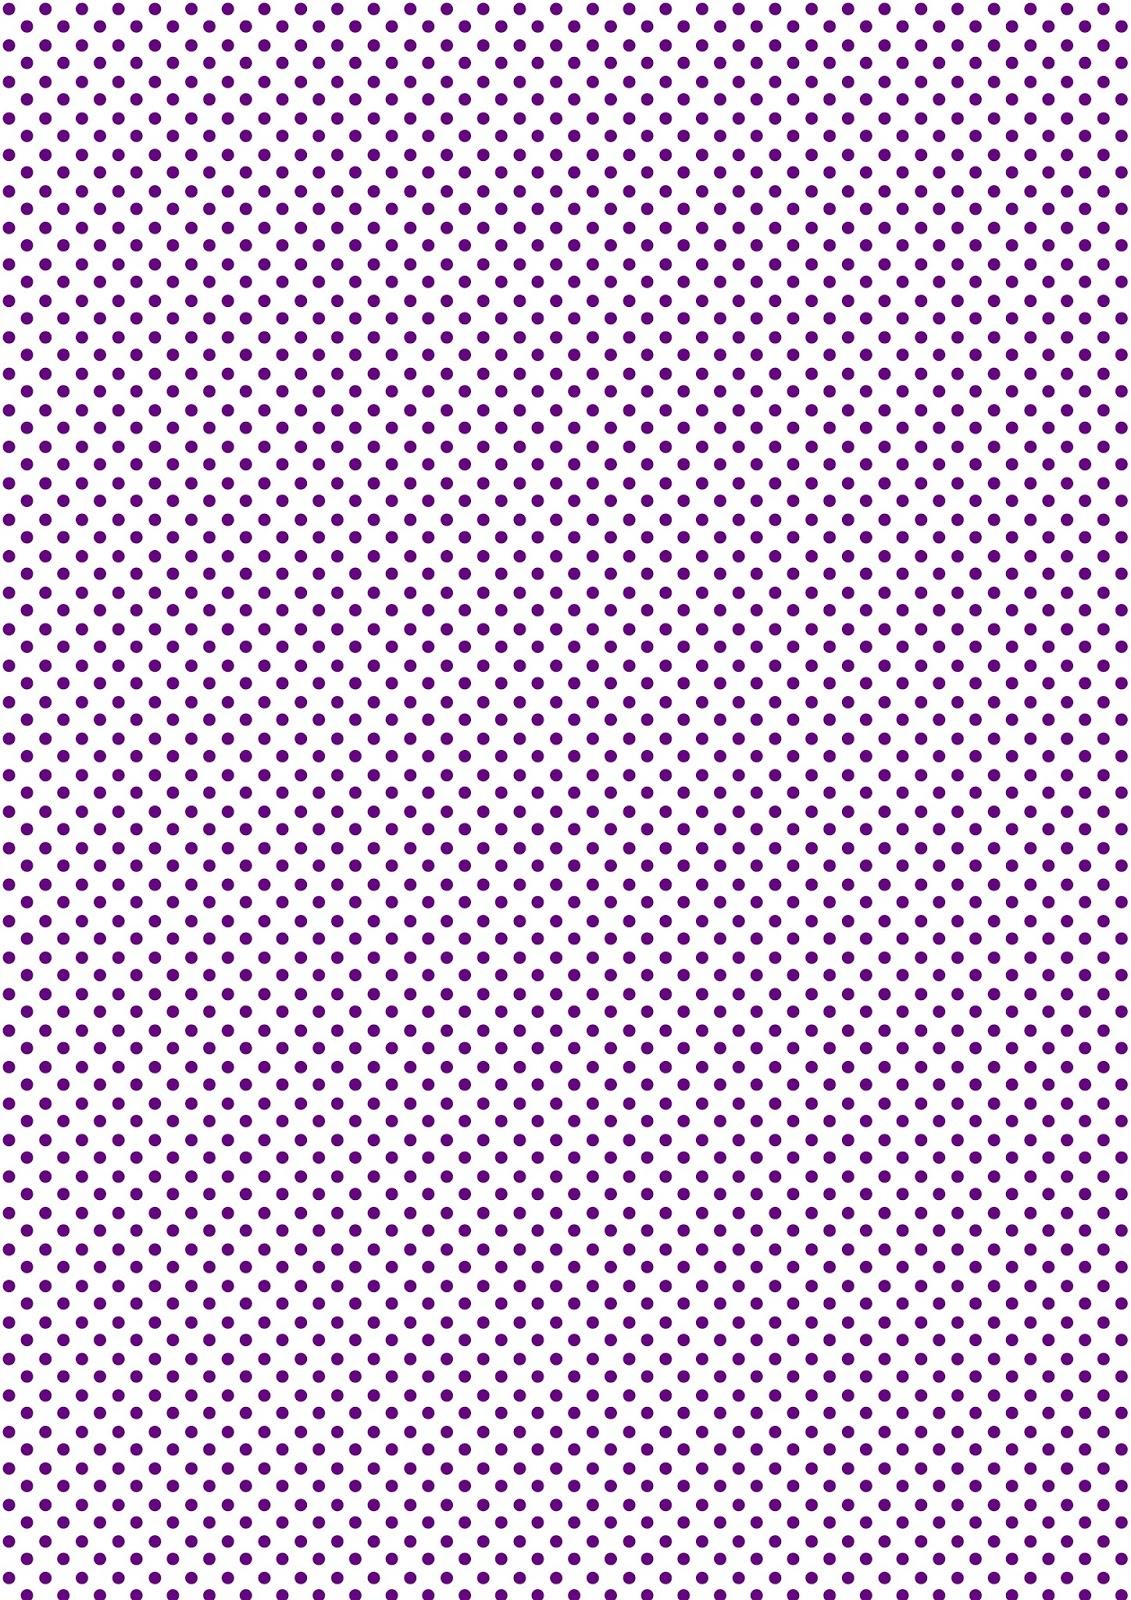 http://1.bp.blogspot.com/-OKMewoXeZVw/VOeQ9Zf7IVI/AAAAAAAAiLE/MXESTjfX9Co/s1600/purple_white_polka_A4.jpg